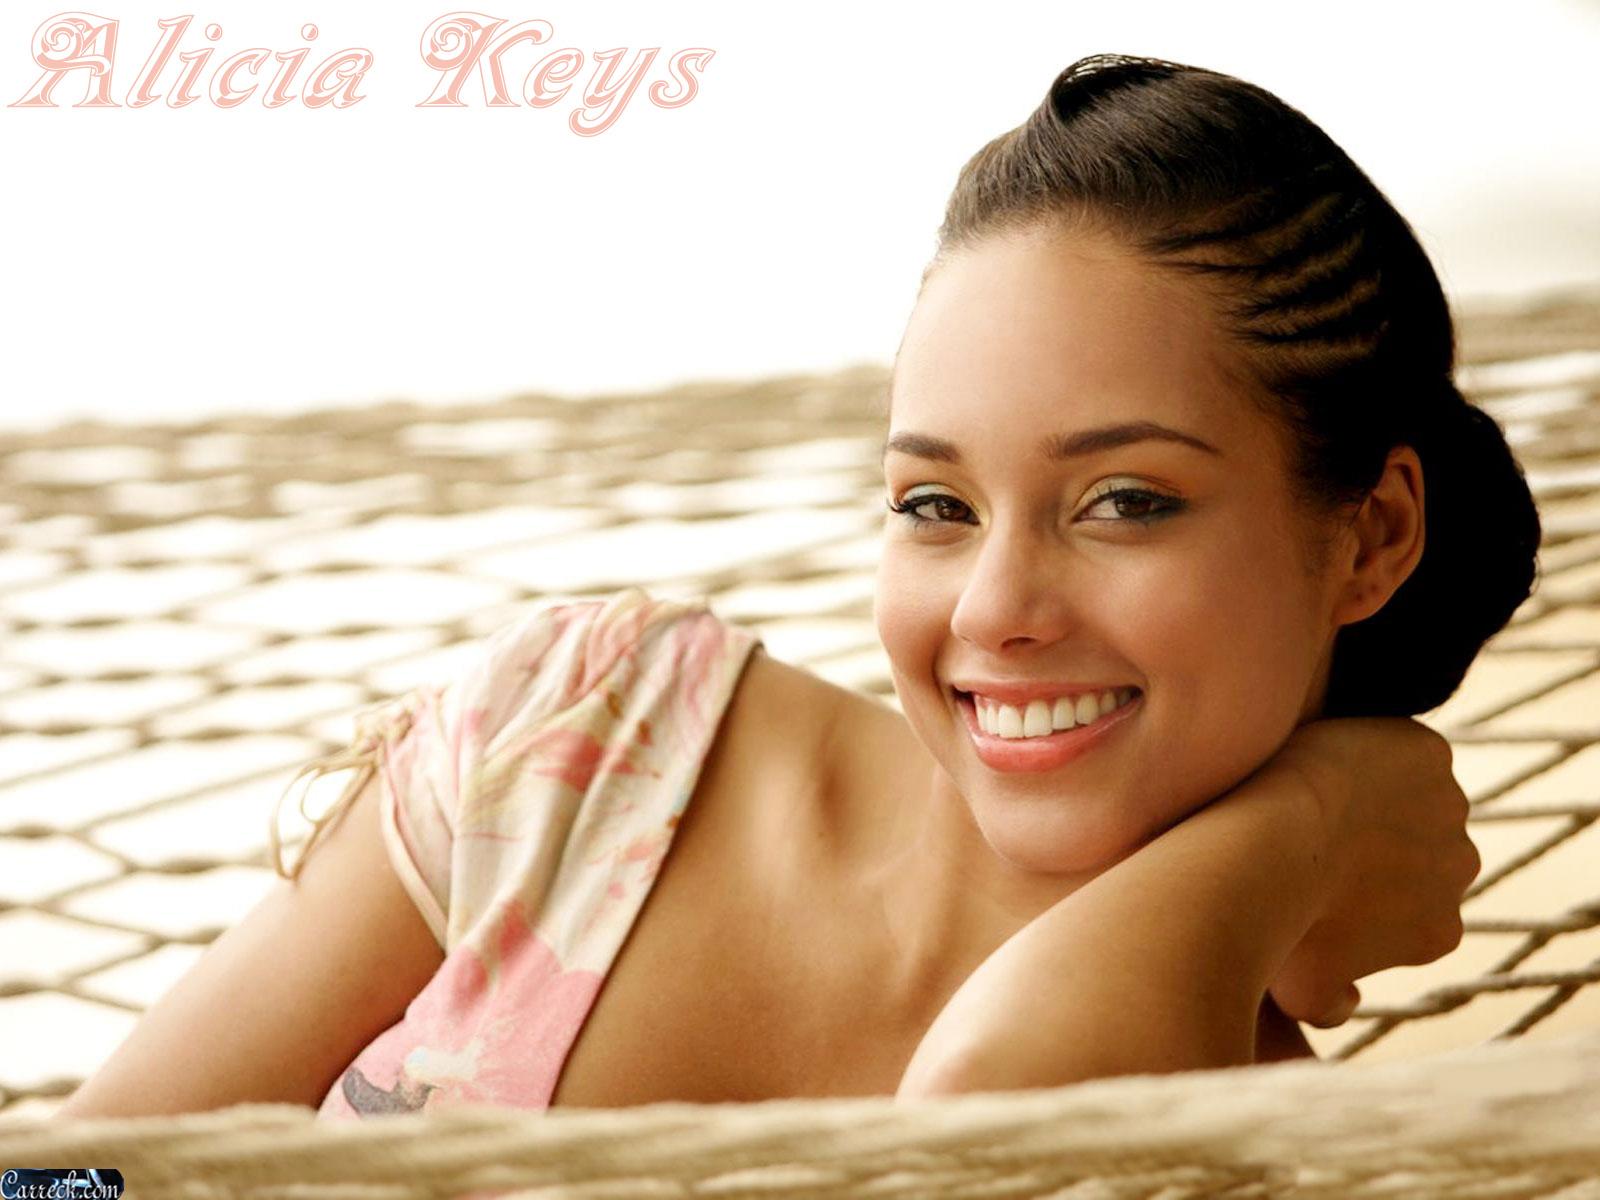 http://3.bp.blogspot.com/-bu5v0GqStQE/ULogkkHJj9I/AAAAAAAADEo/RPzkerNwRgM/s1600/Alicia-Keys-5.jpg